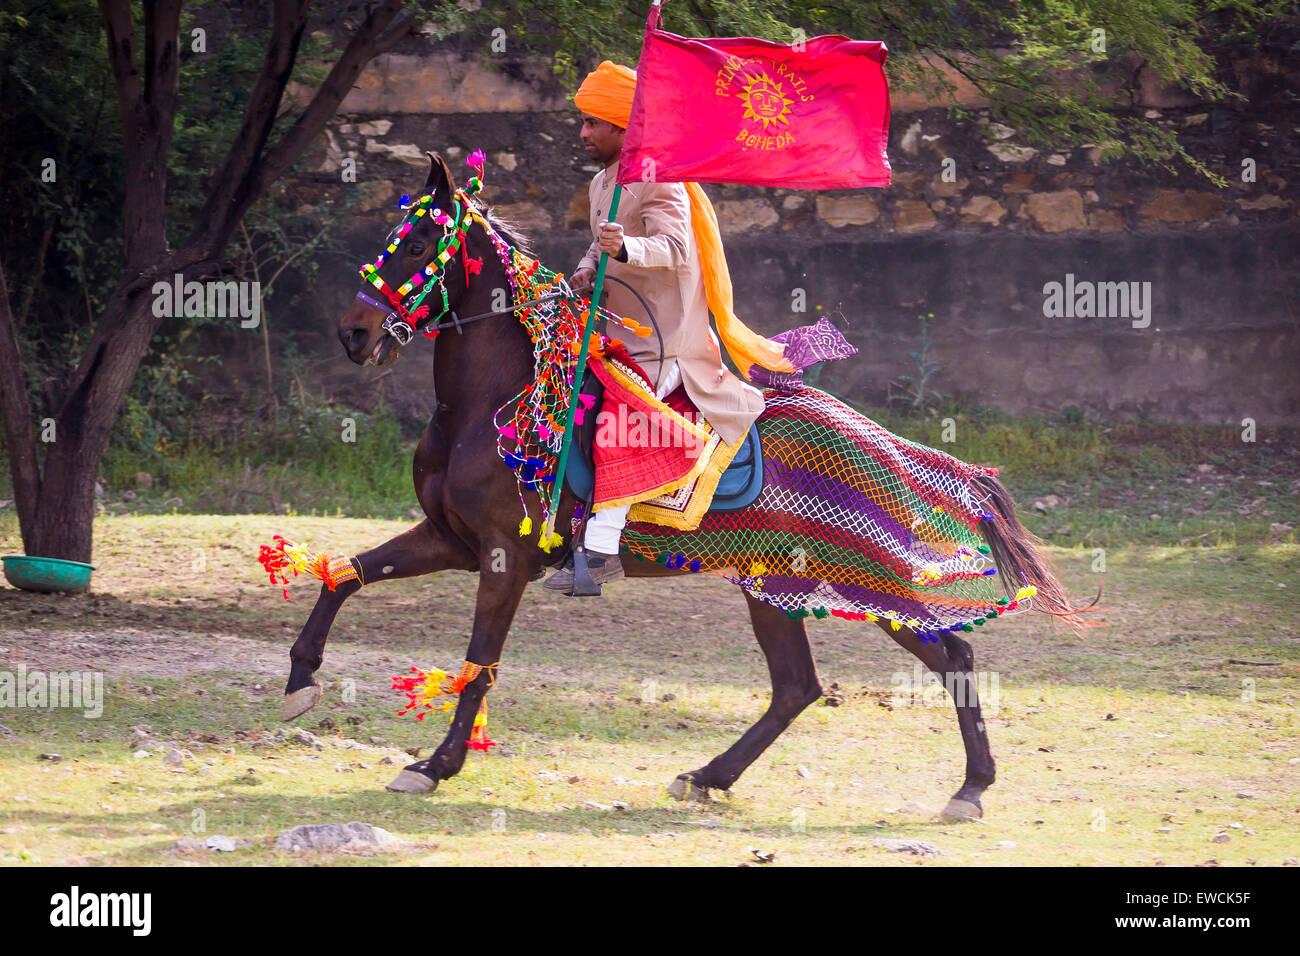 Flag-bearing cavalryman on a Elaborately decorated bay horse. India - Stock Image